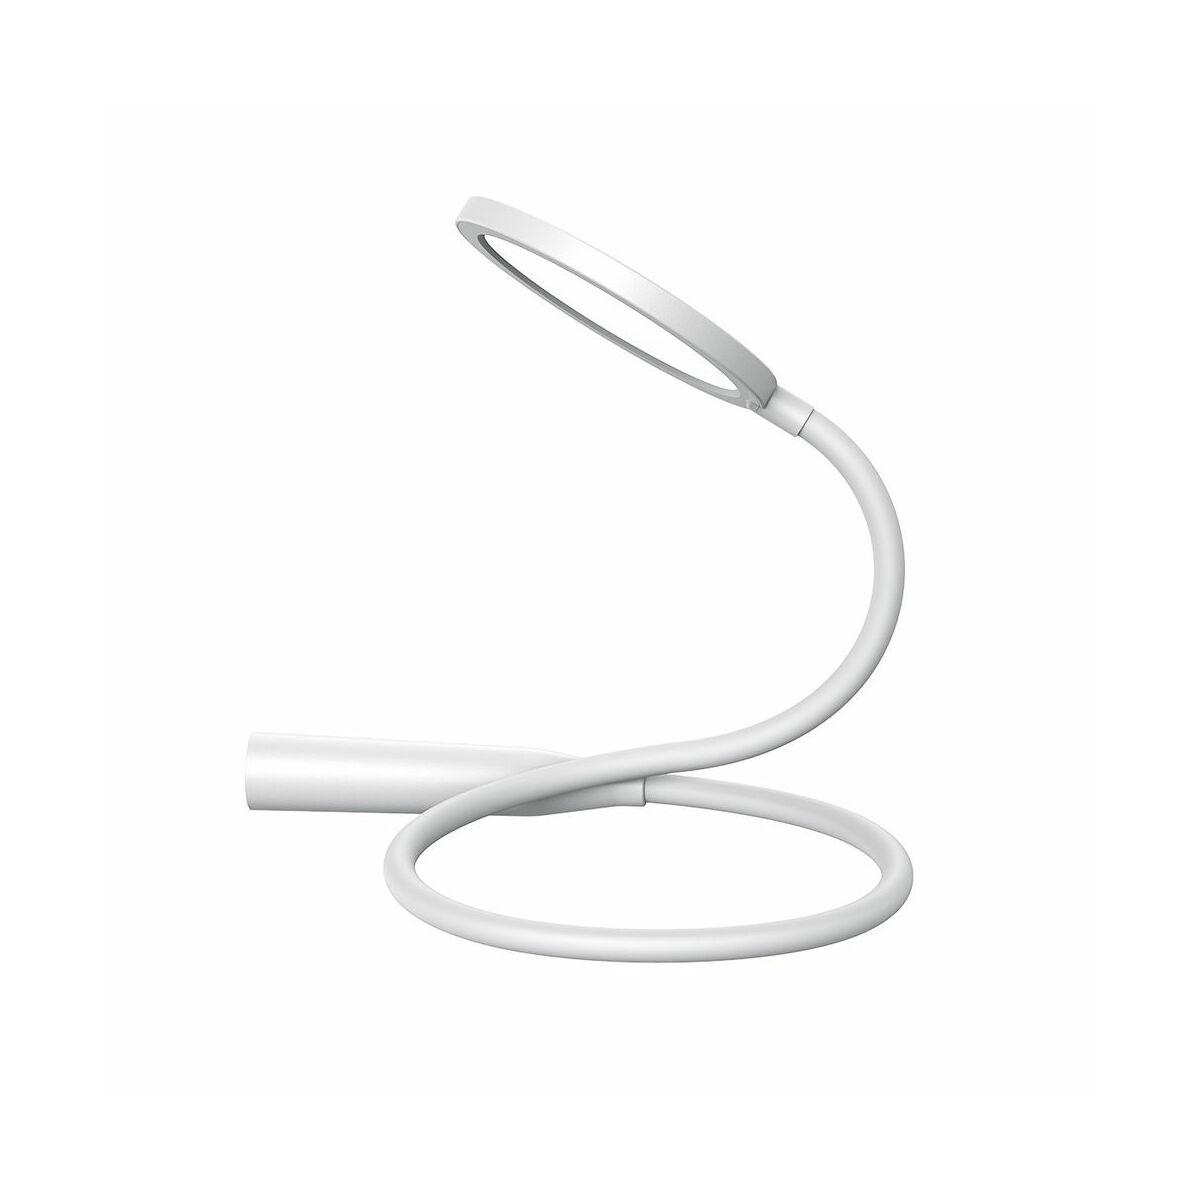 Baseus otthon, Comfort Reading Uniform Light Hose LED asztali lámpa + töltő, 1800 mAh, 4.5W, fehér (DGYR-02)